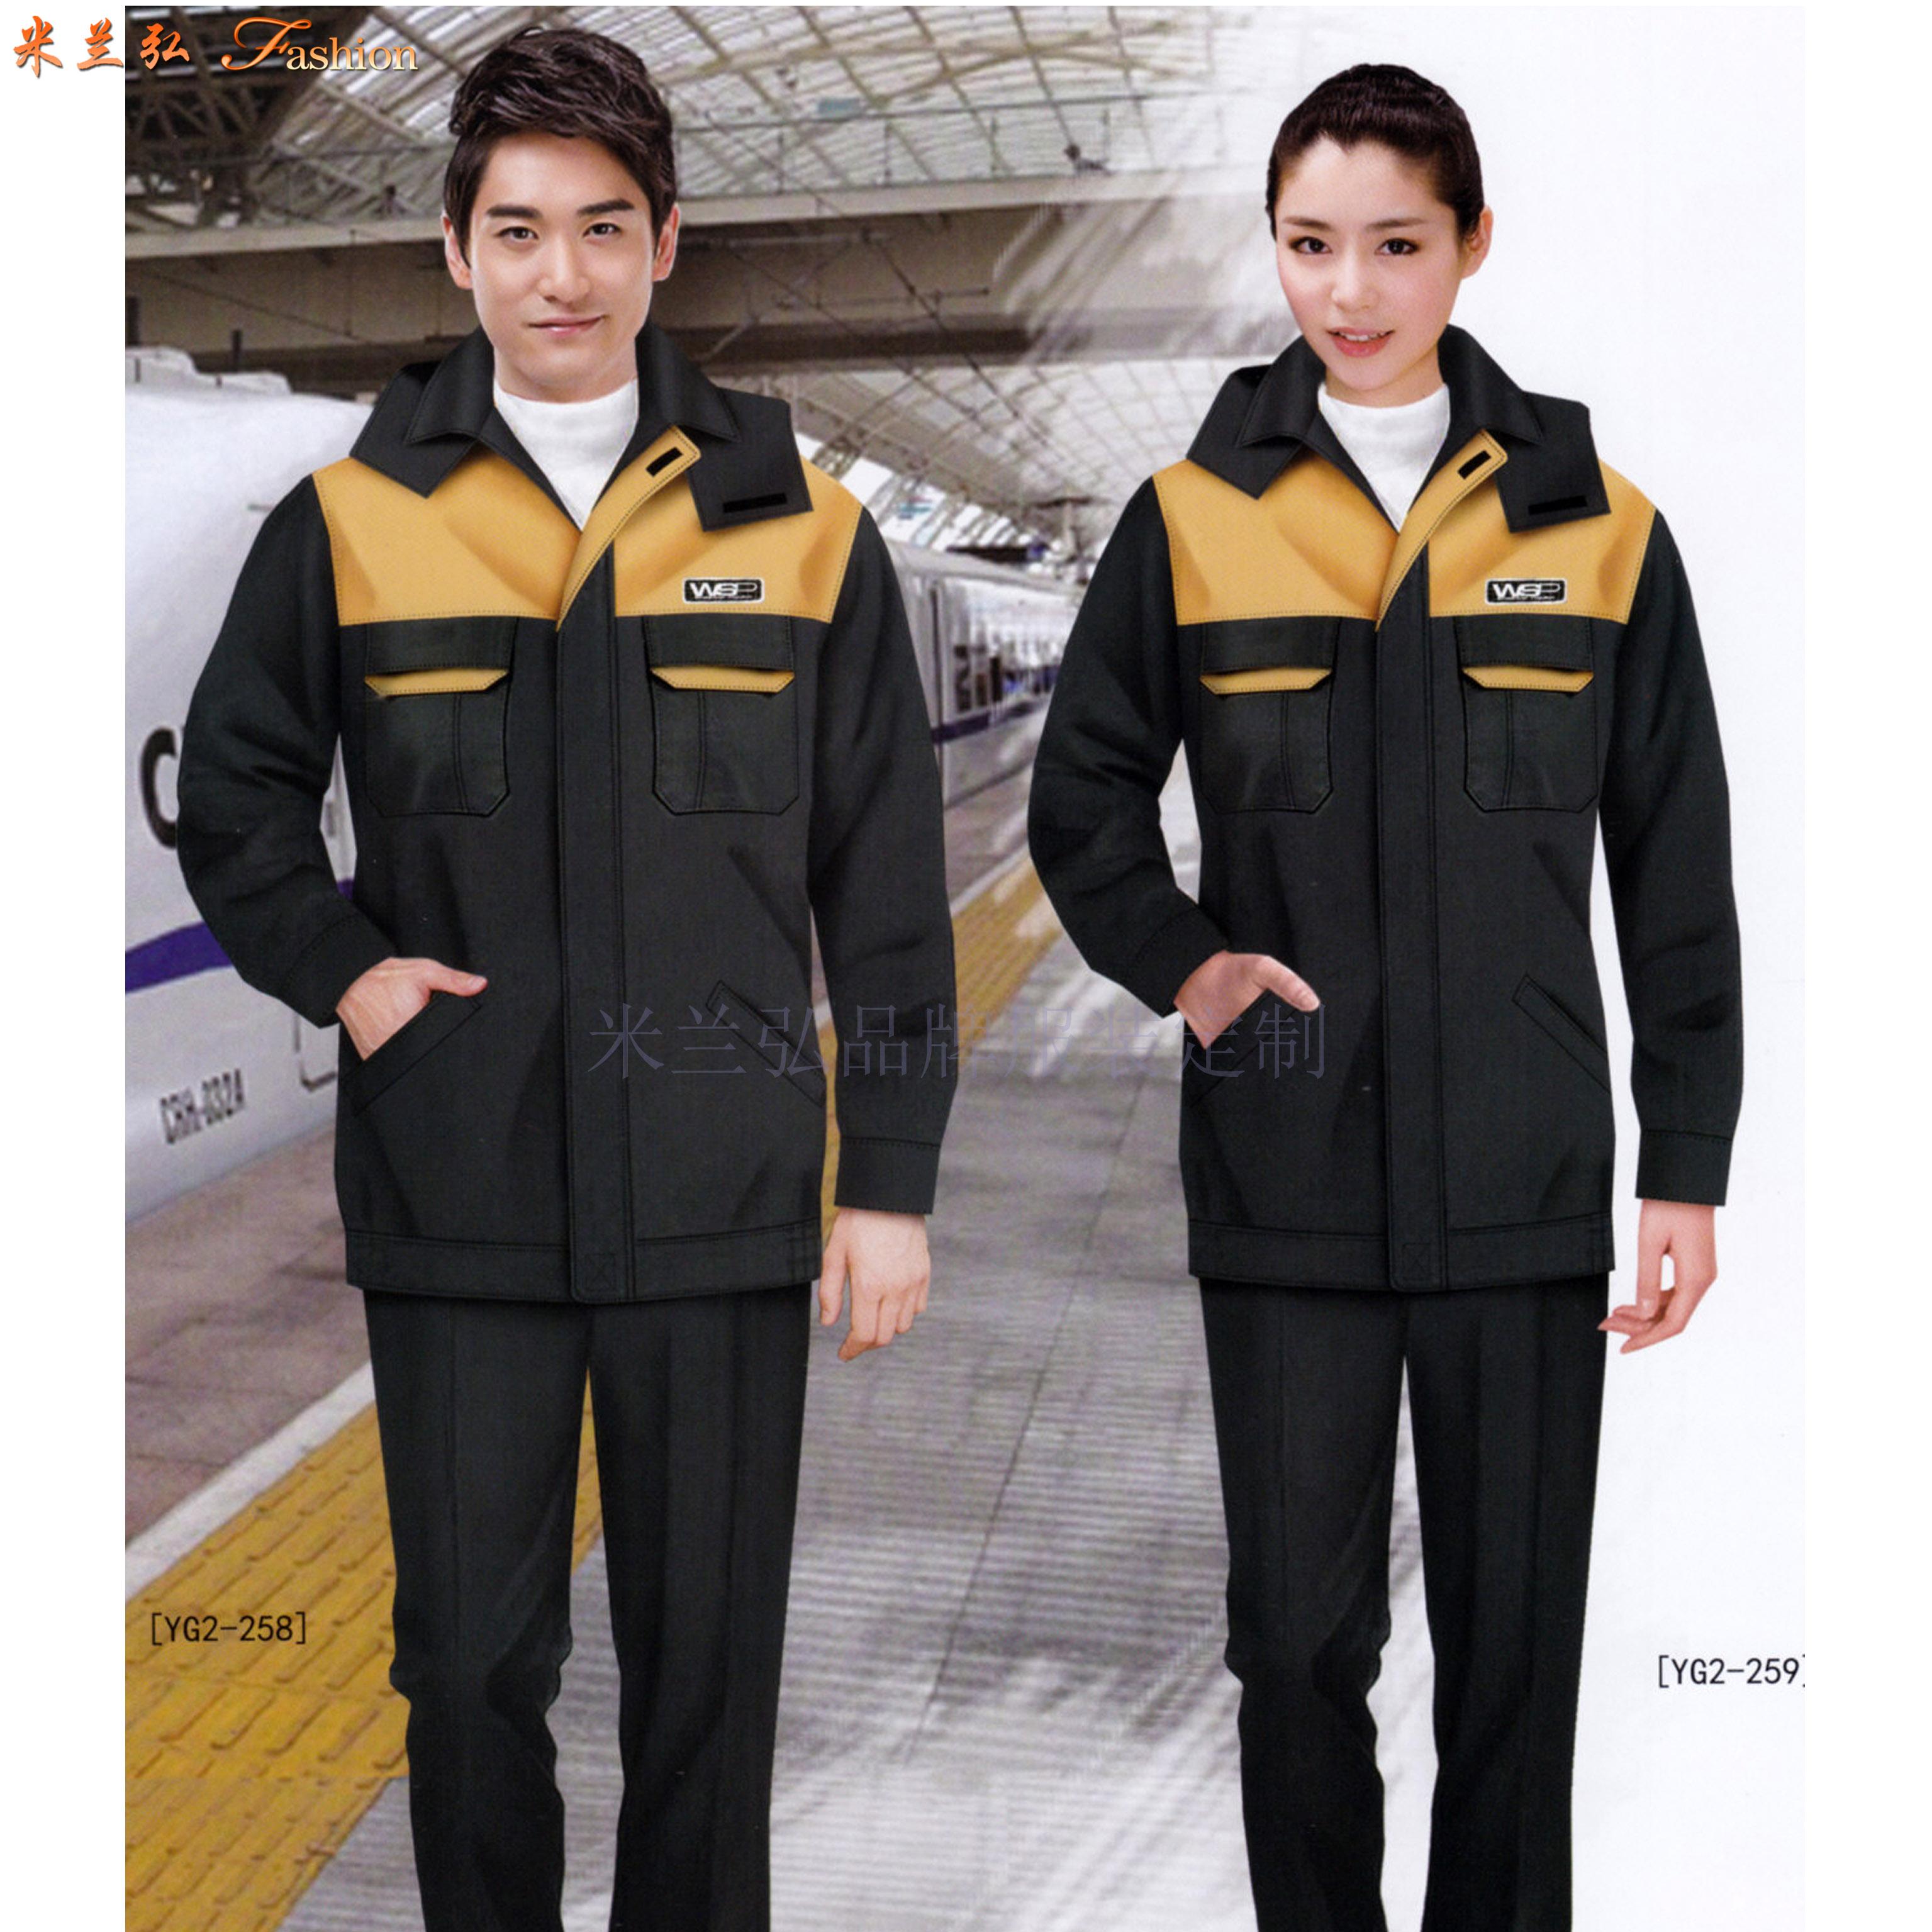 汽車站工作服-量身定做工作服廠家-米蘭弘服裝-3